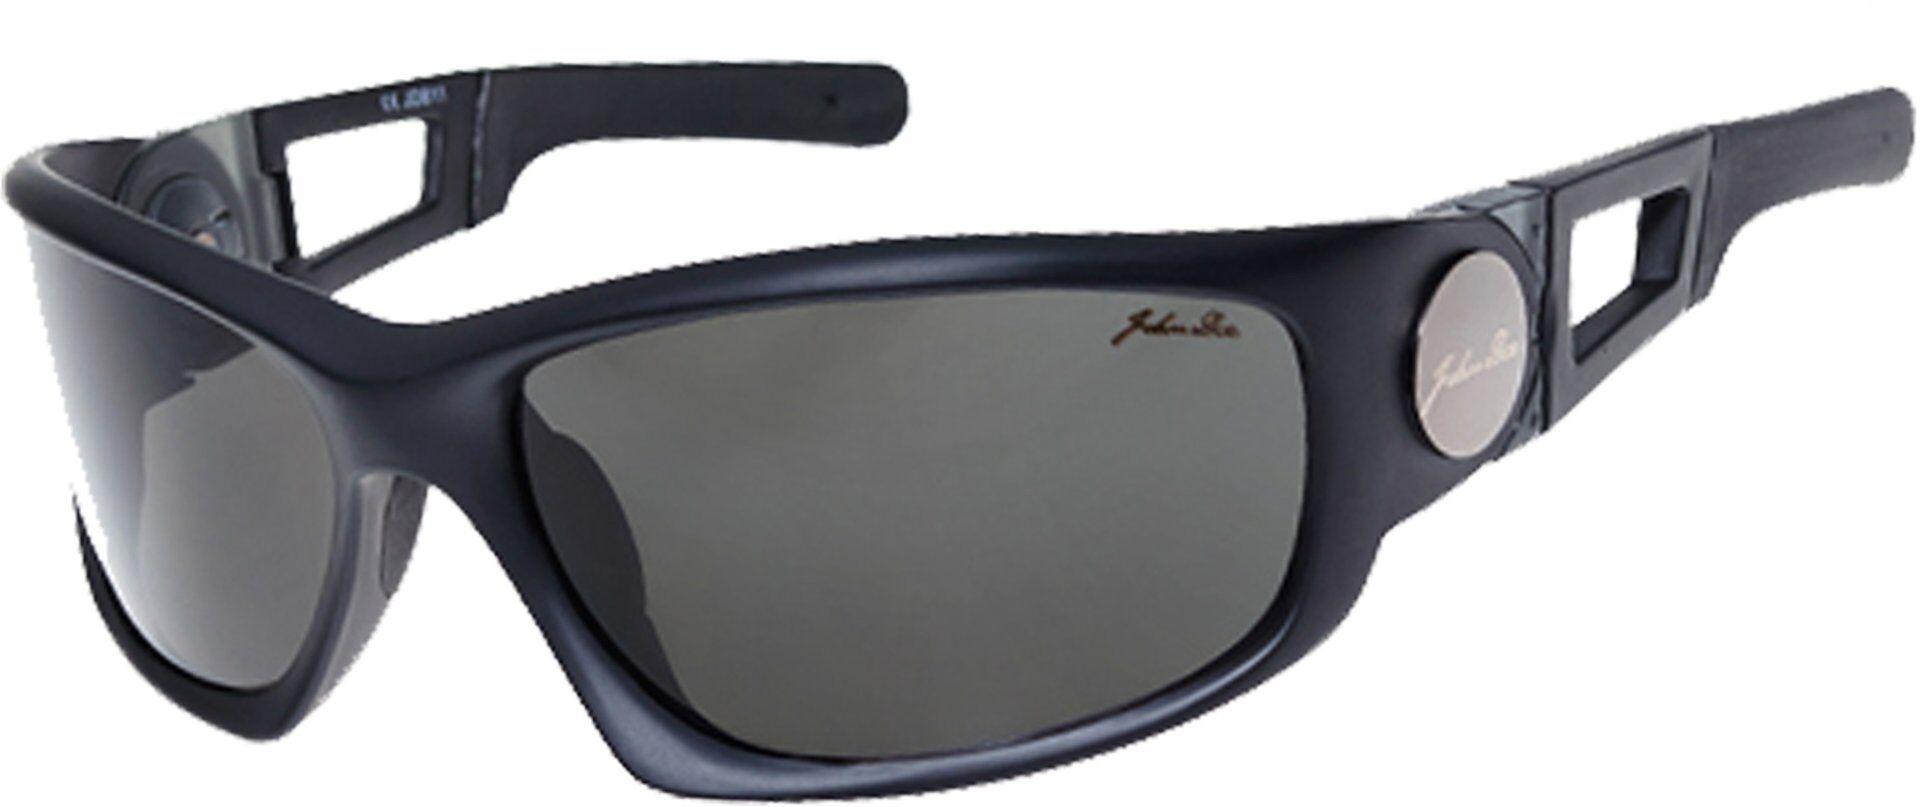 John Doe Airflow Photocromatic lunettes de soleil Noir taille : unique taille